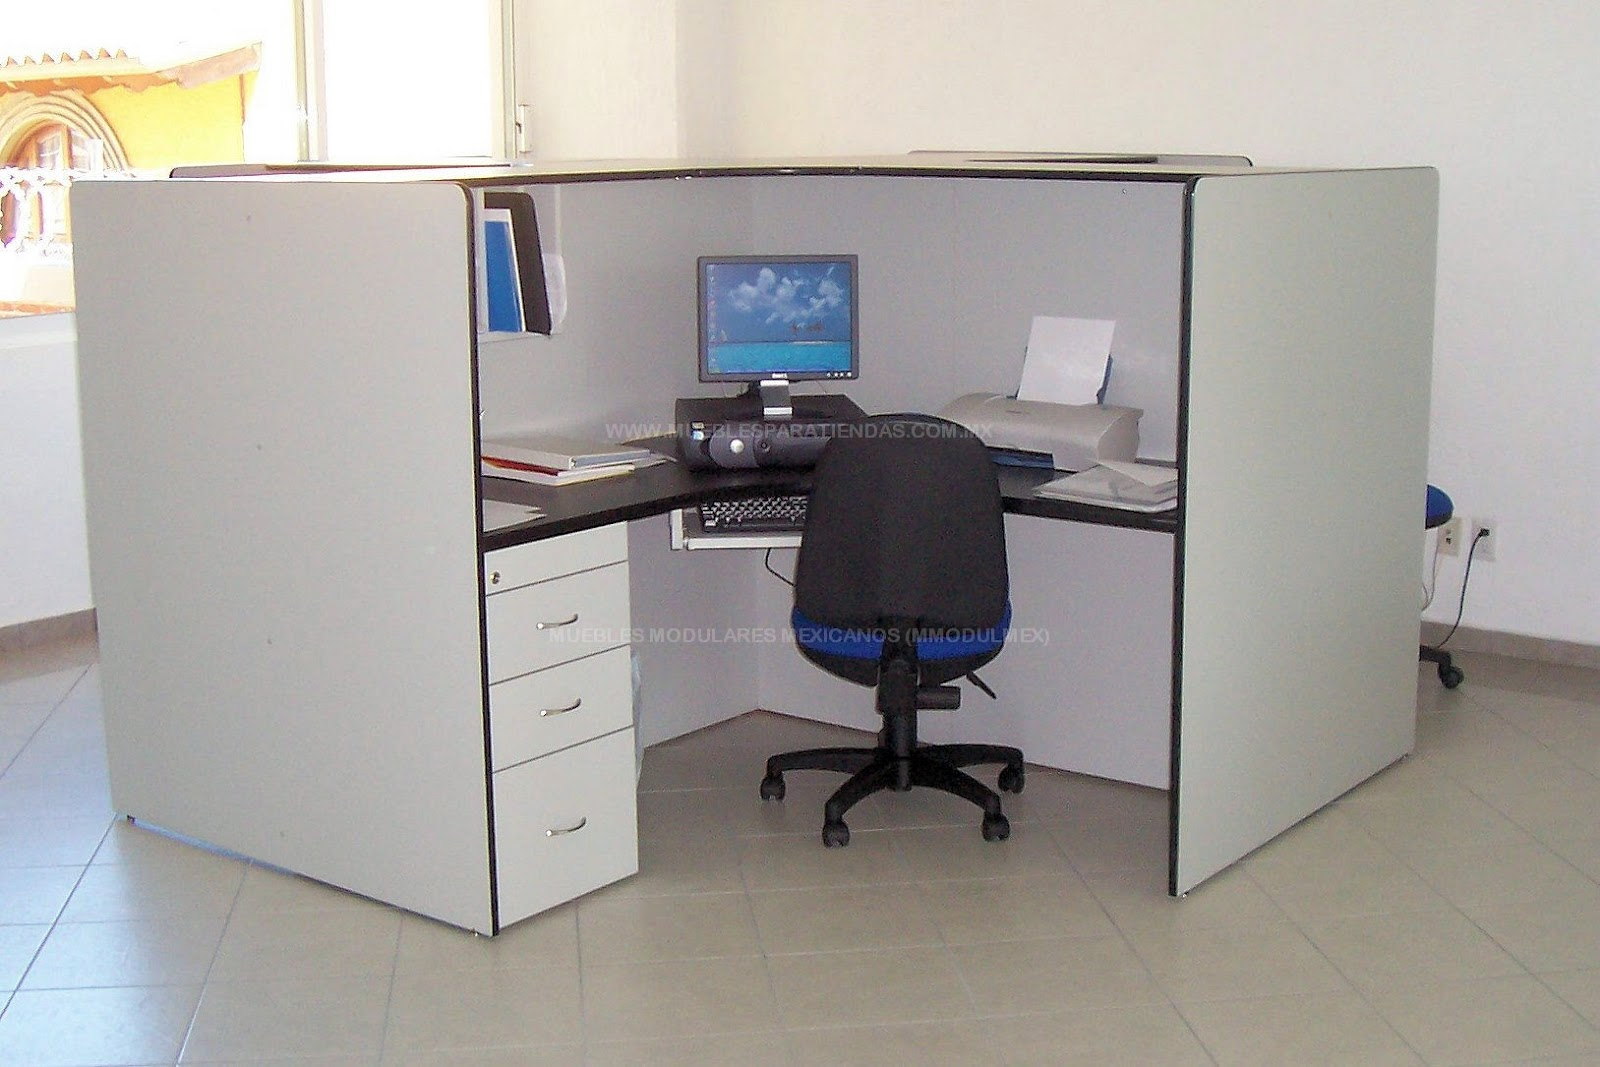 Muebles de tiendas muebles de oficinas y muebles sobre for Muebles sobre diseno